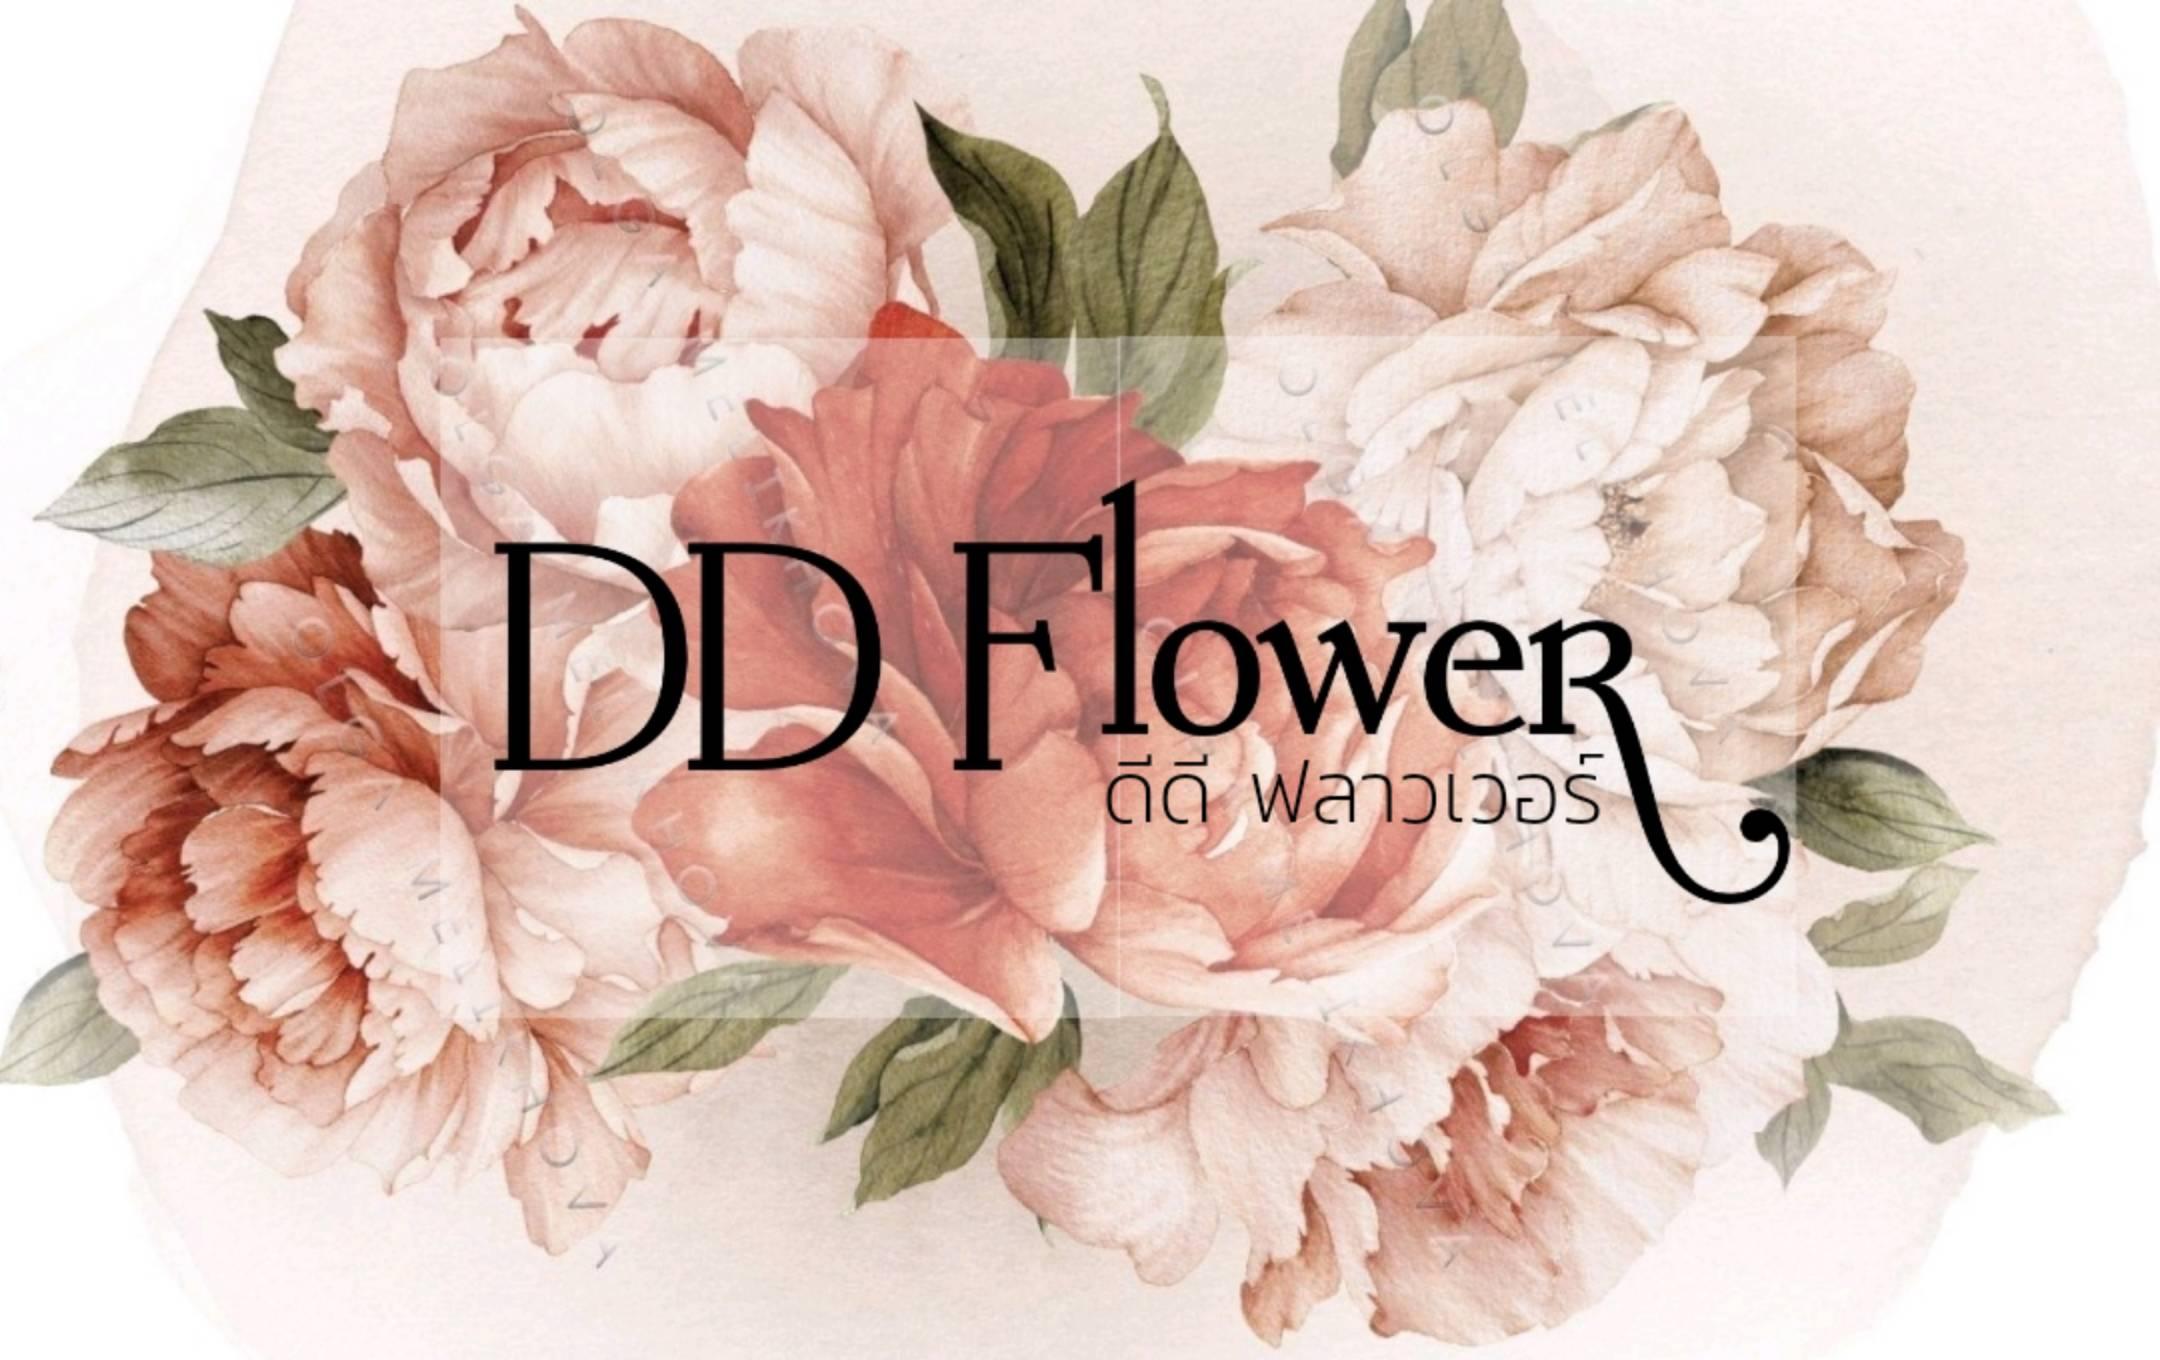 ร้านดอกไม้เชียงใหม่บริการจัดส่งช่อดอกไม้ พวงหรีด กระเช้าดอกไม้มีหน้าร้านไว้บริการ